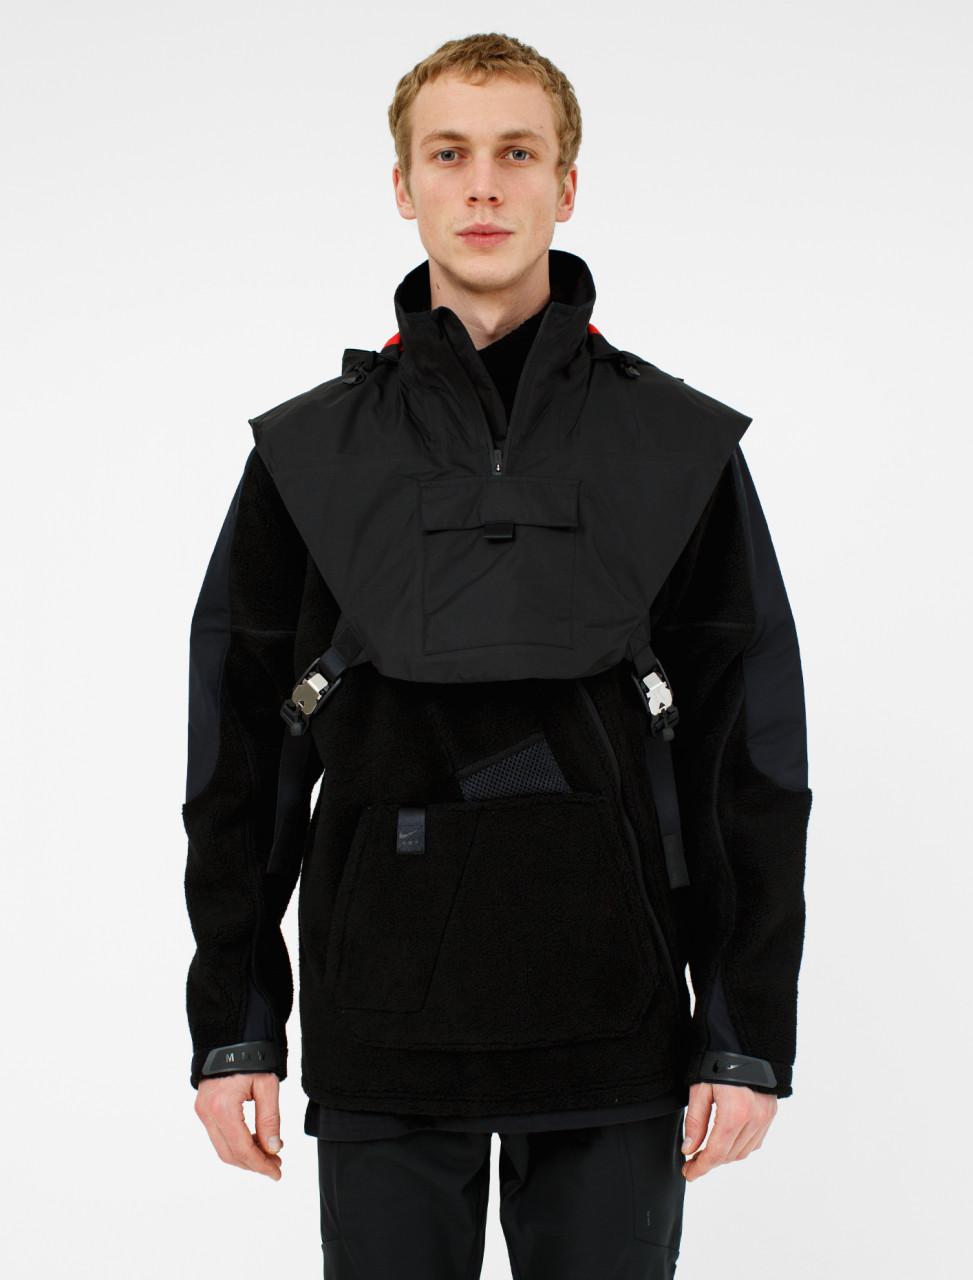 x MMW Fleece Jacket in Black